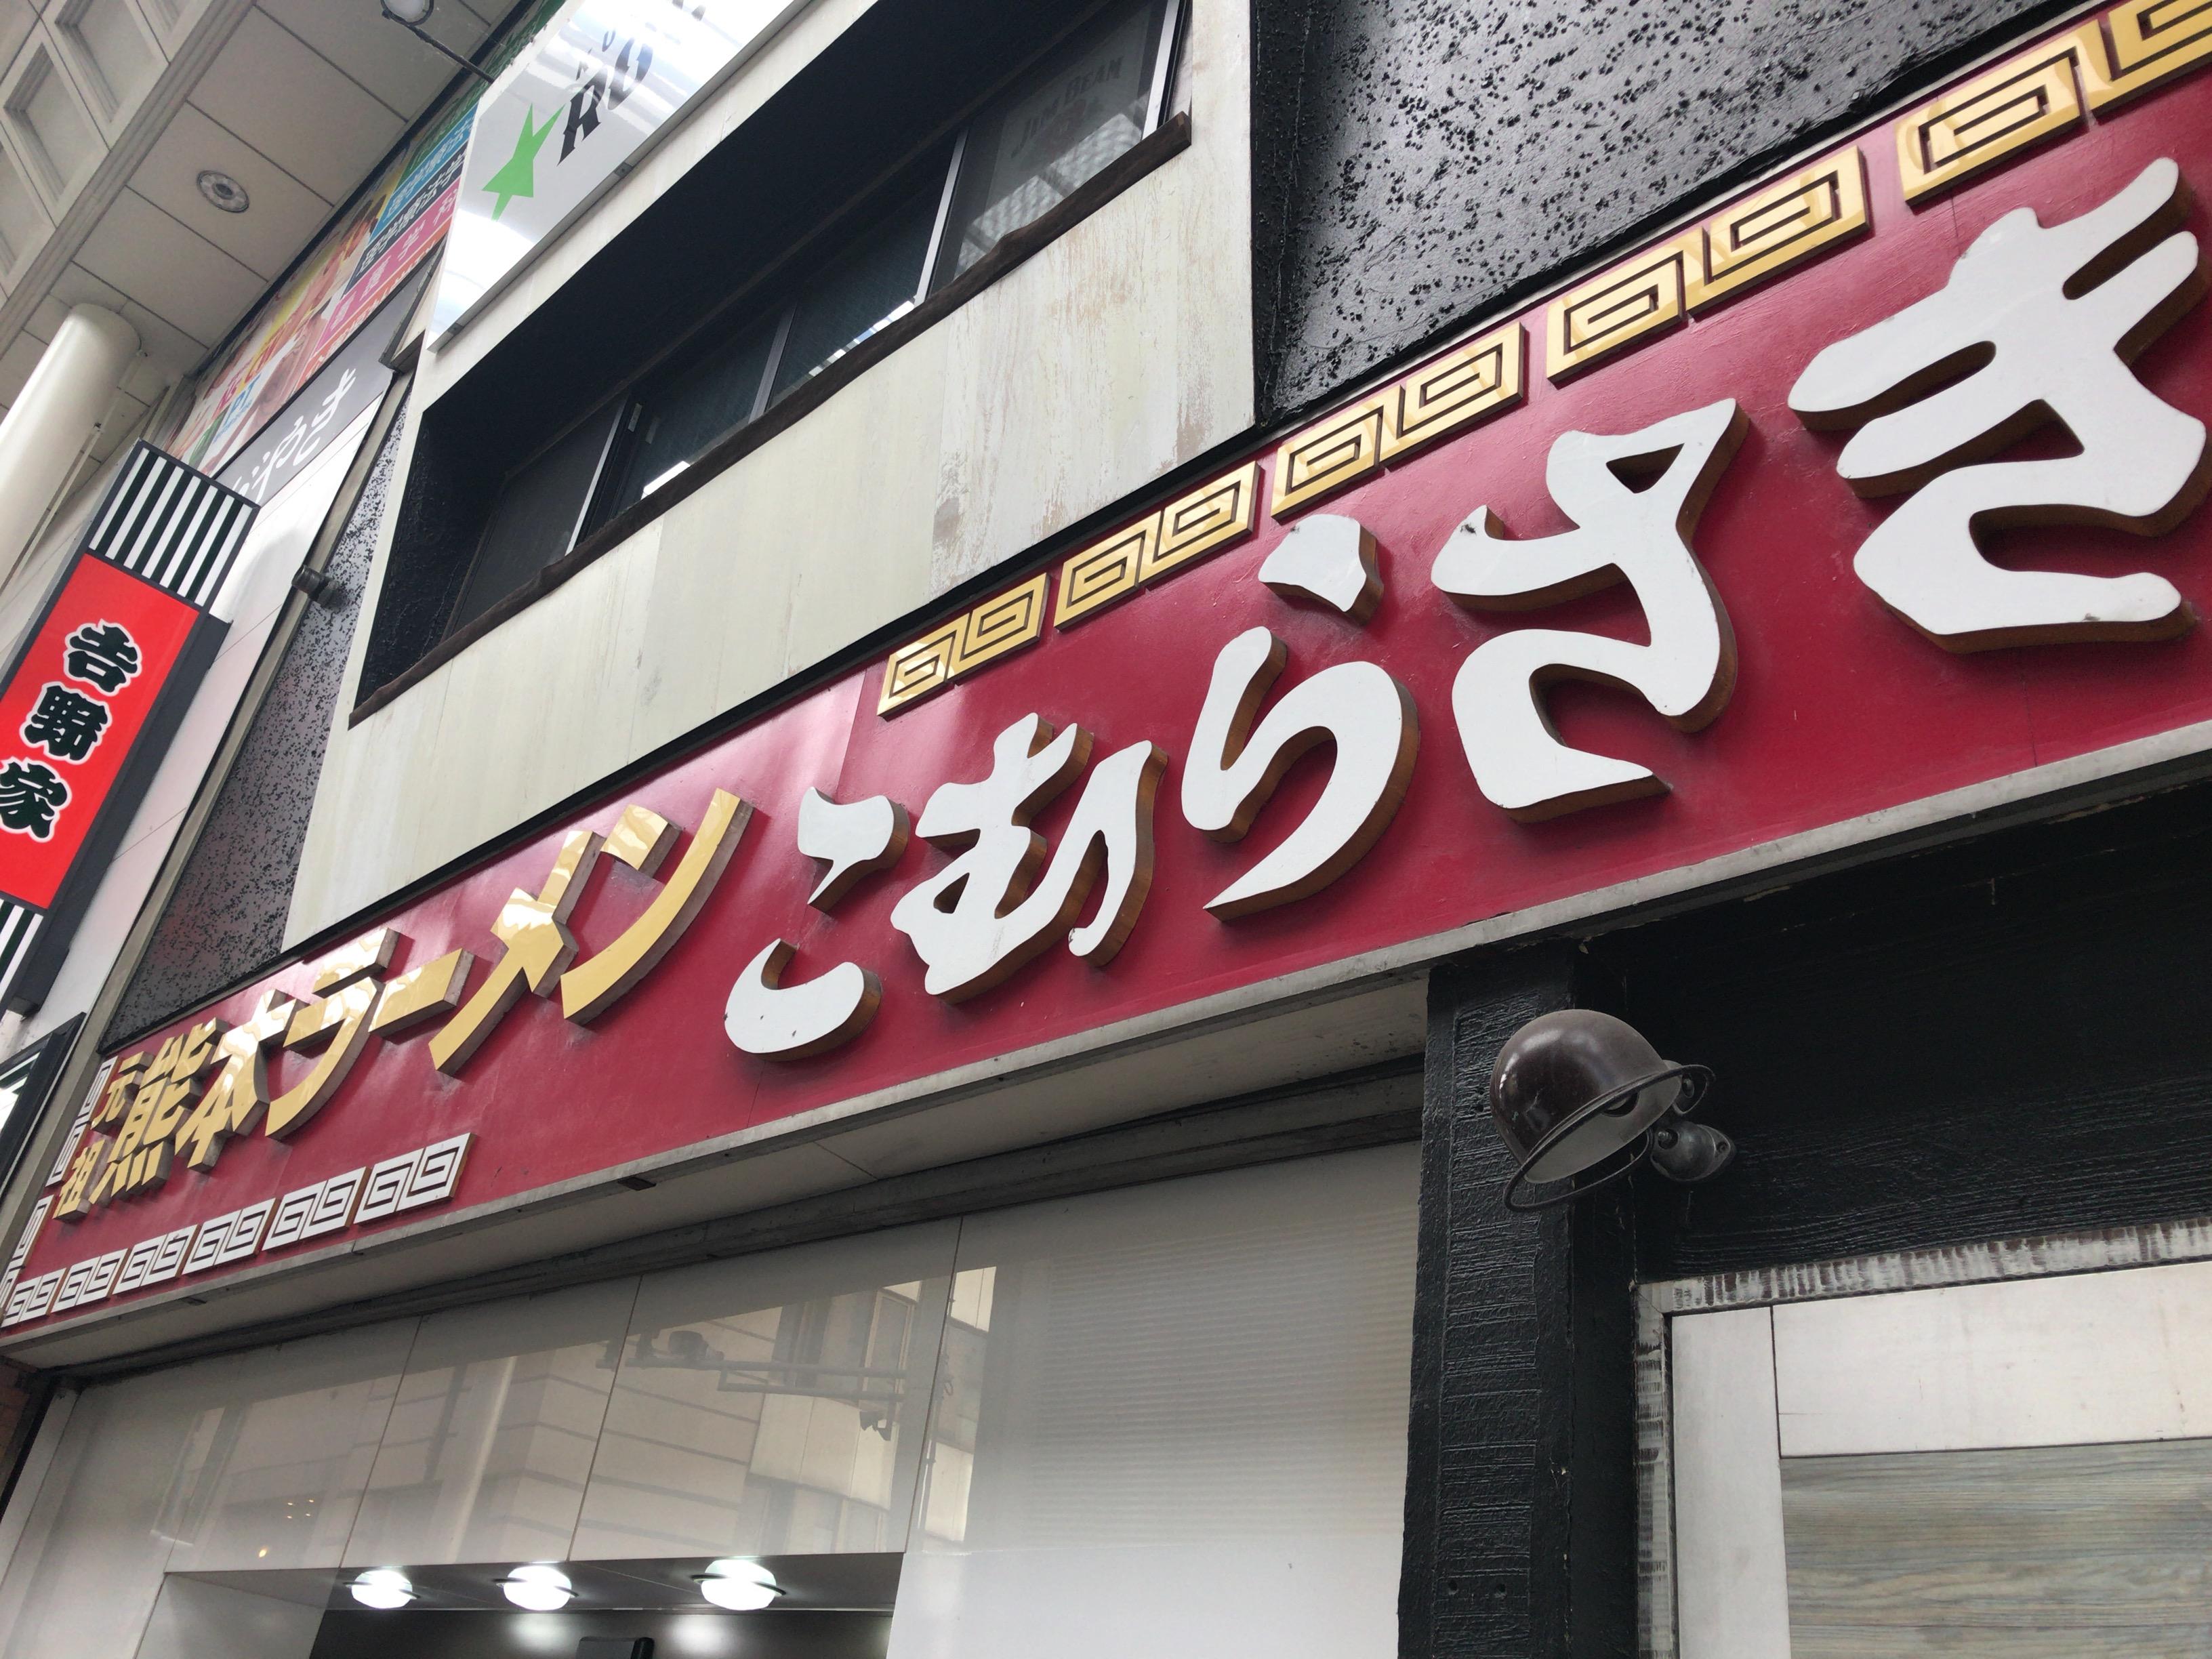 熊本こむらさきラーメン上通中央店の看板